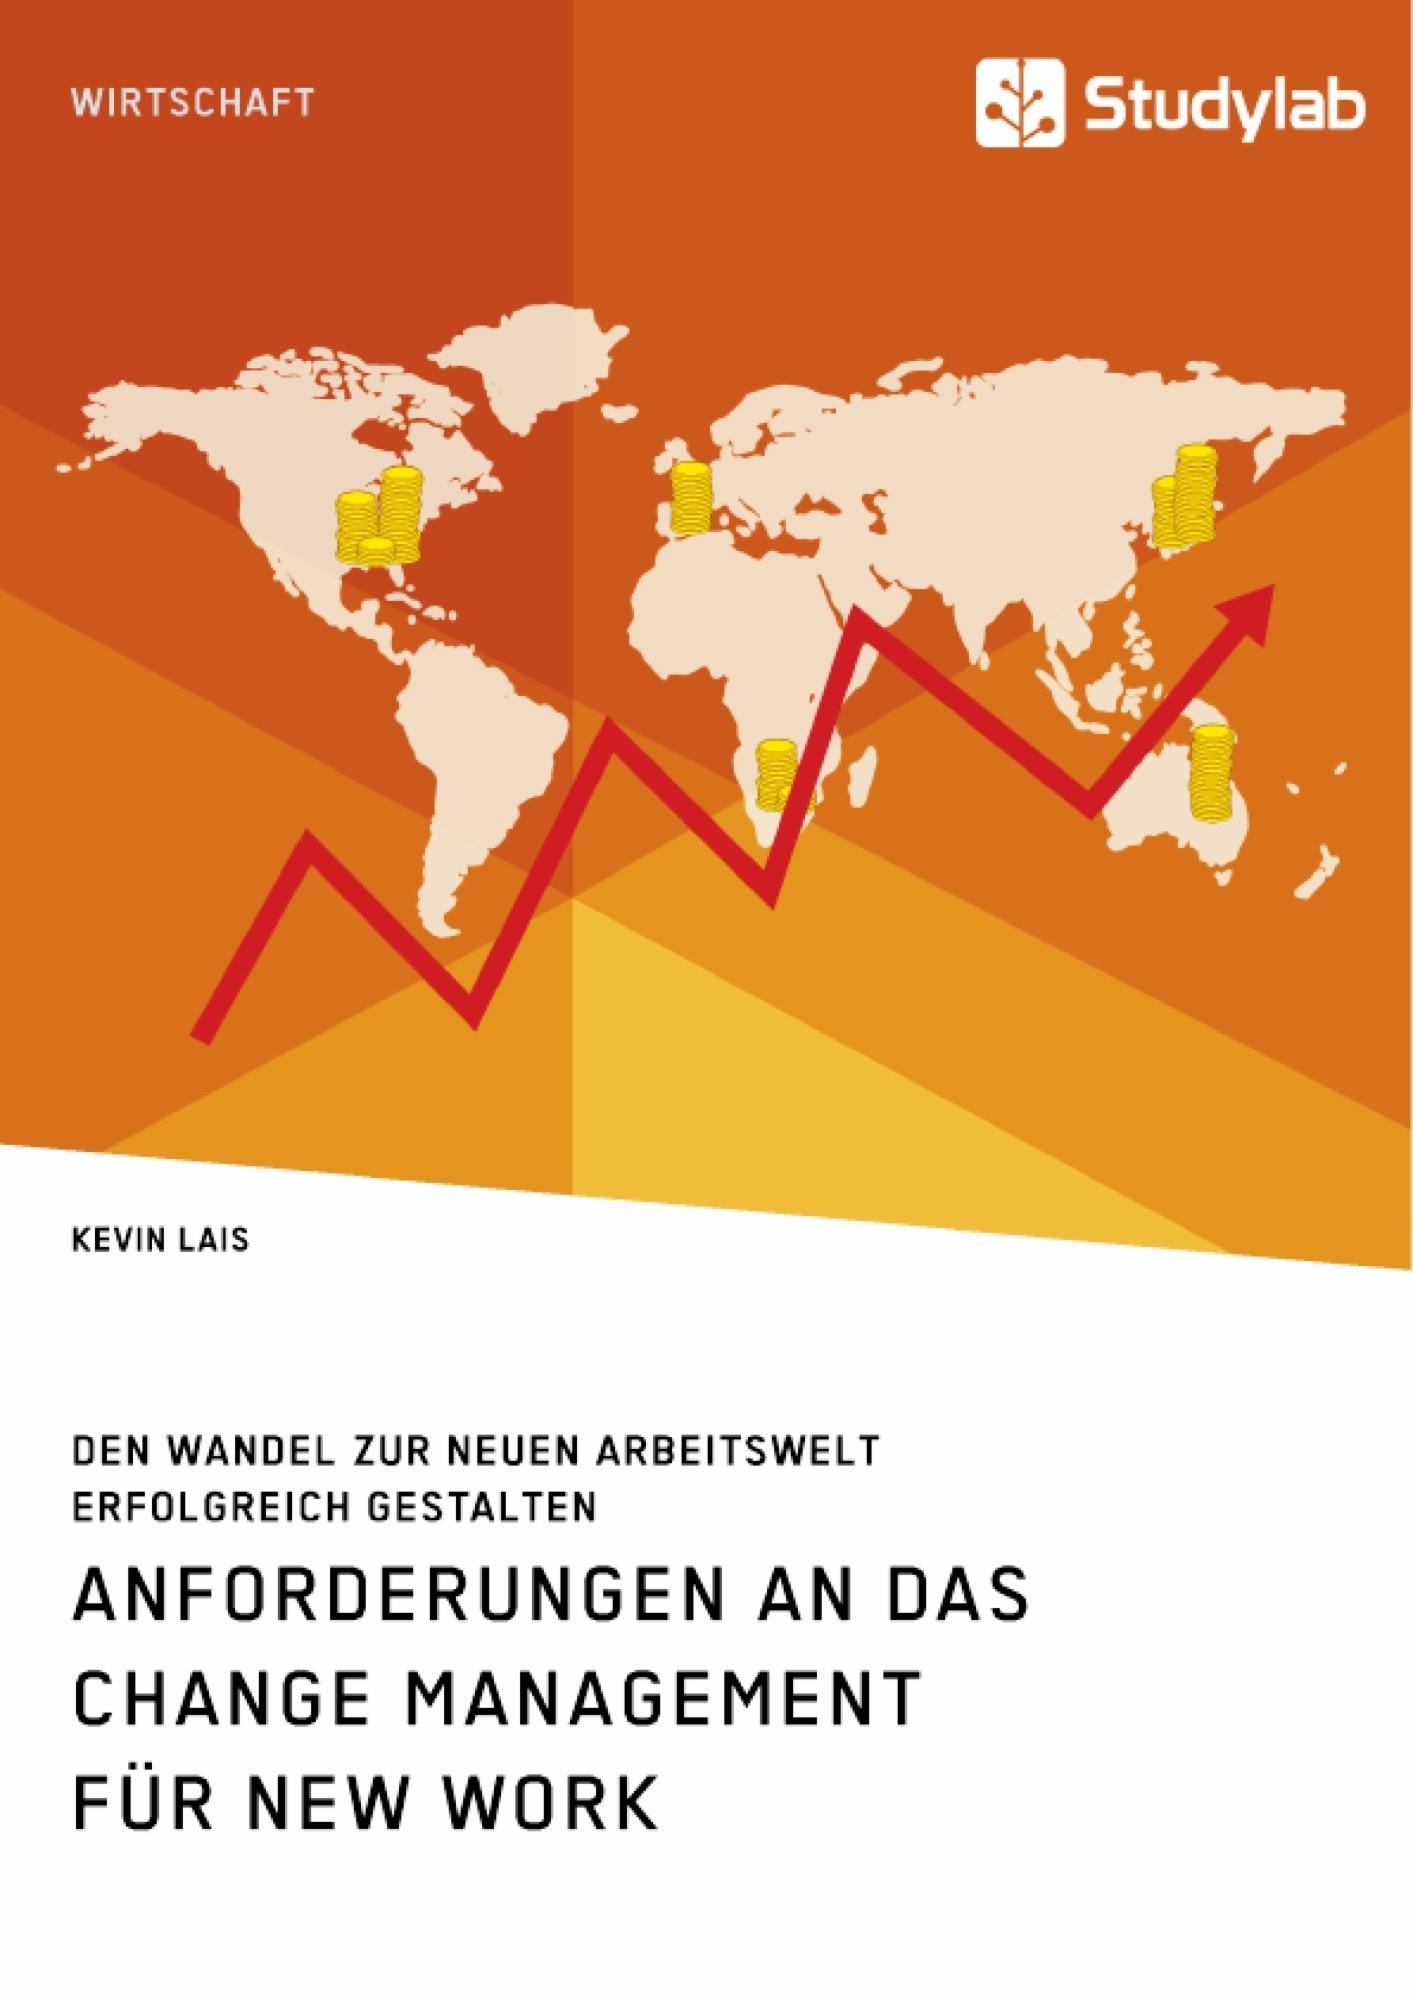 Titel: Anforderungen an das Change Management für New Work. Den Wandel zur neuen Arbeitswelt erfolgreich gestalten